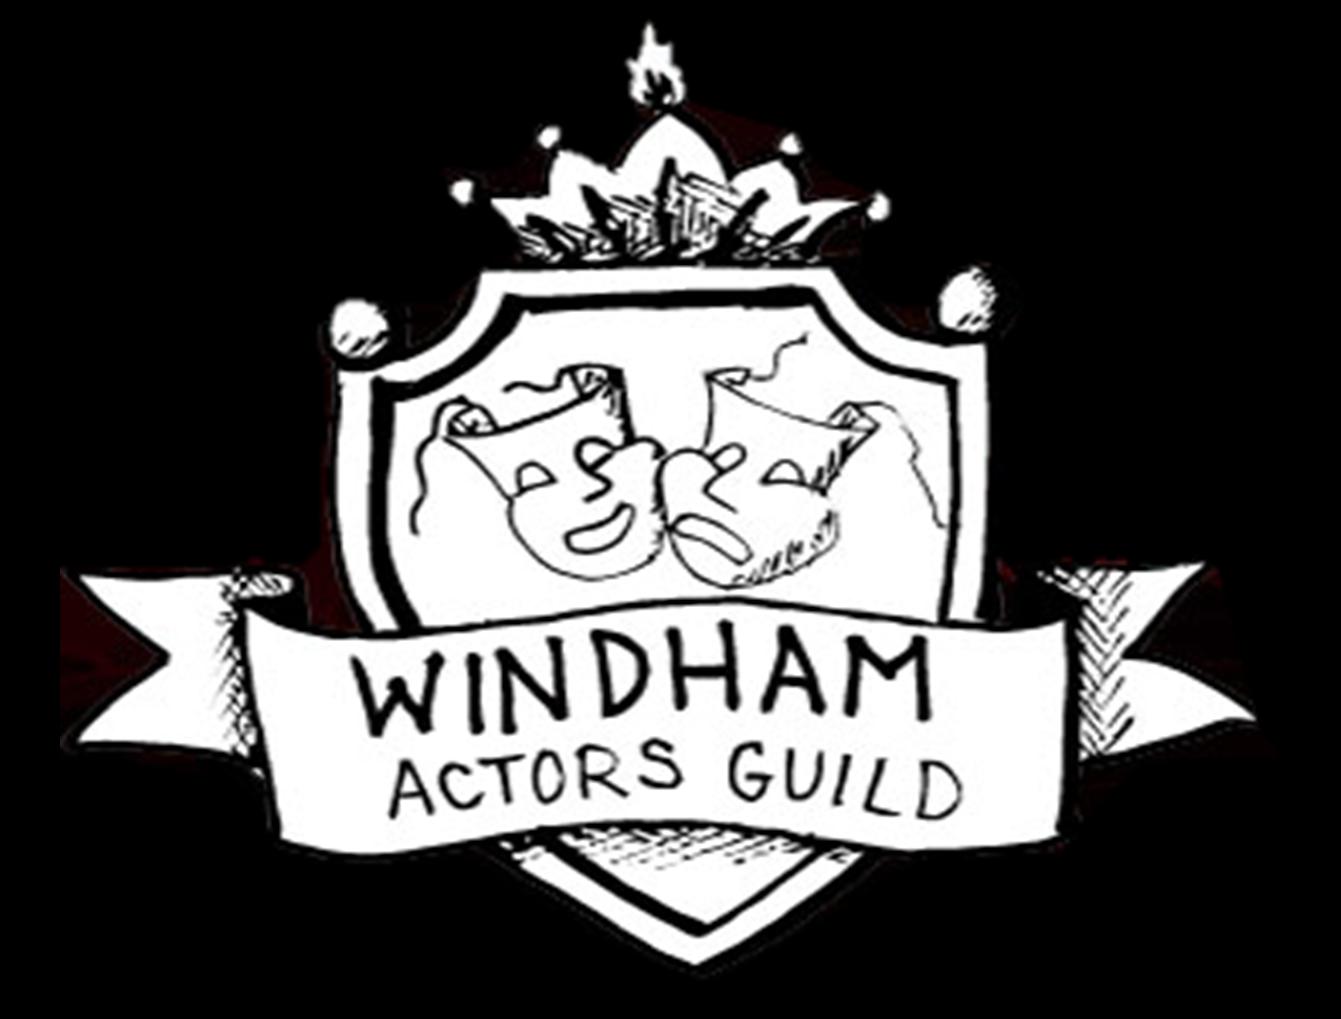 Windham Actors Guild